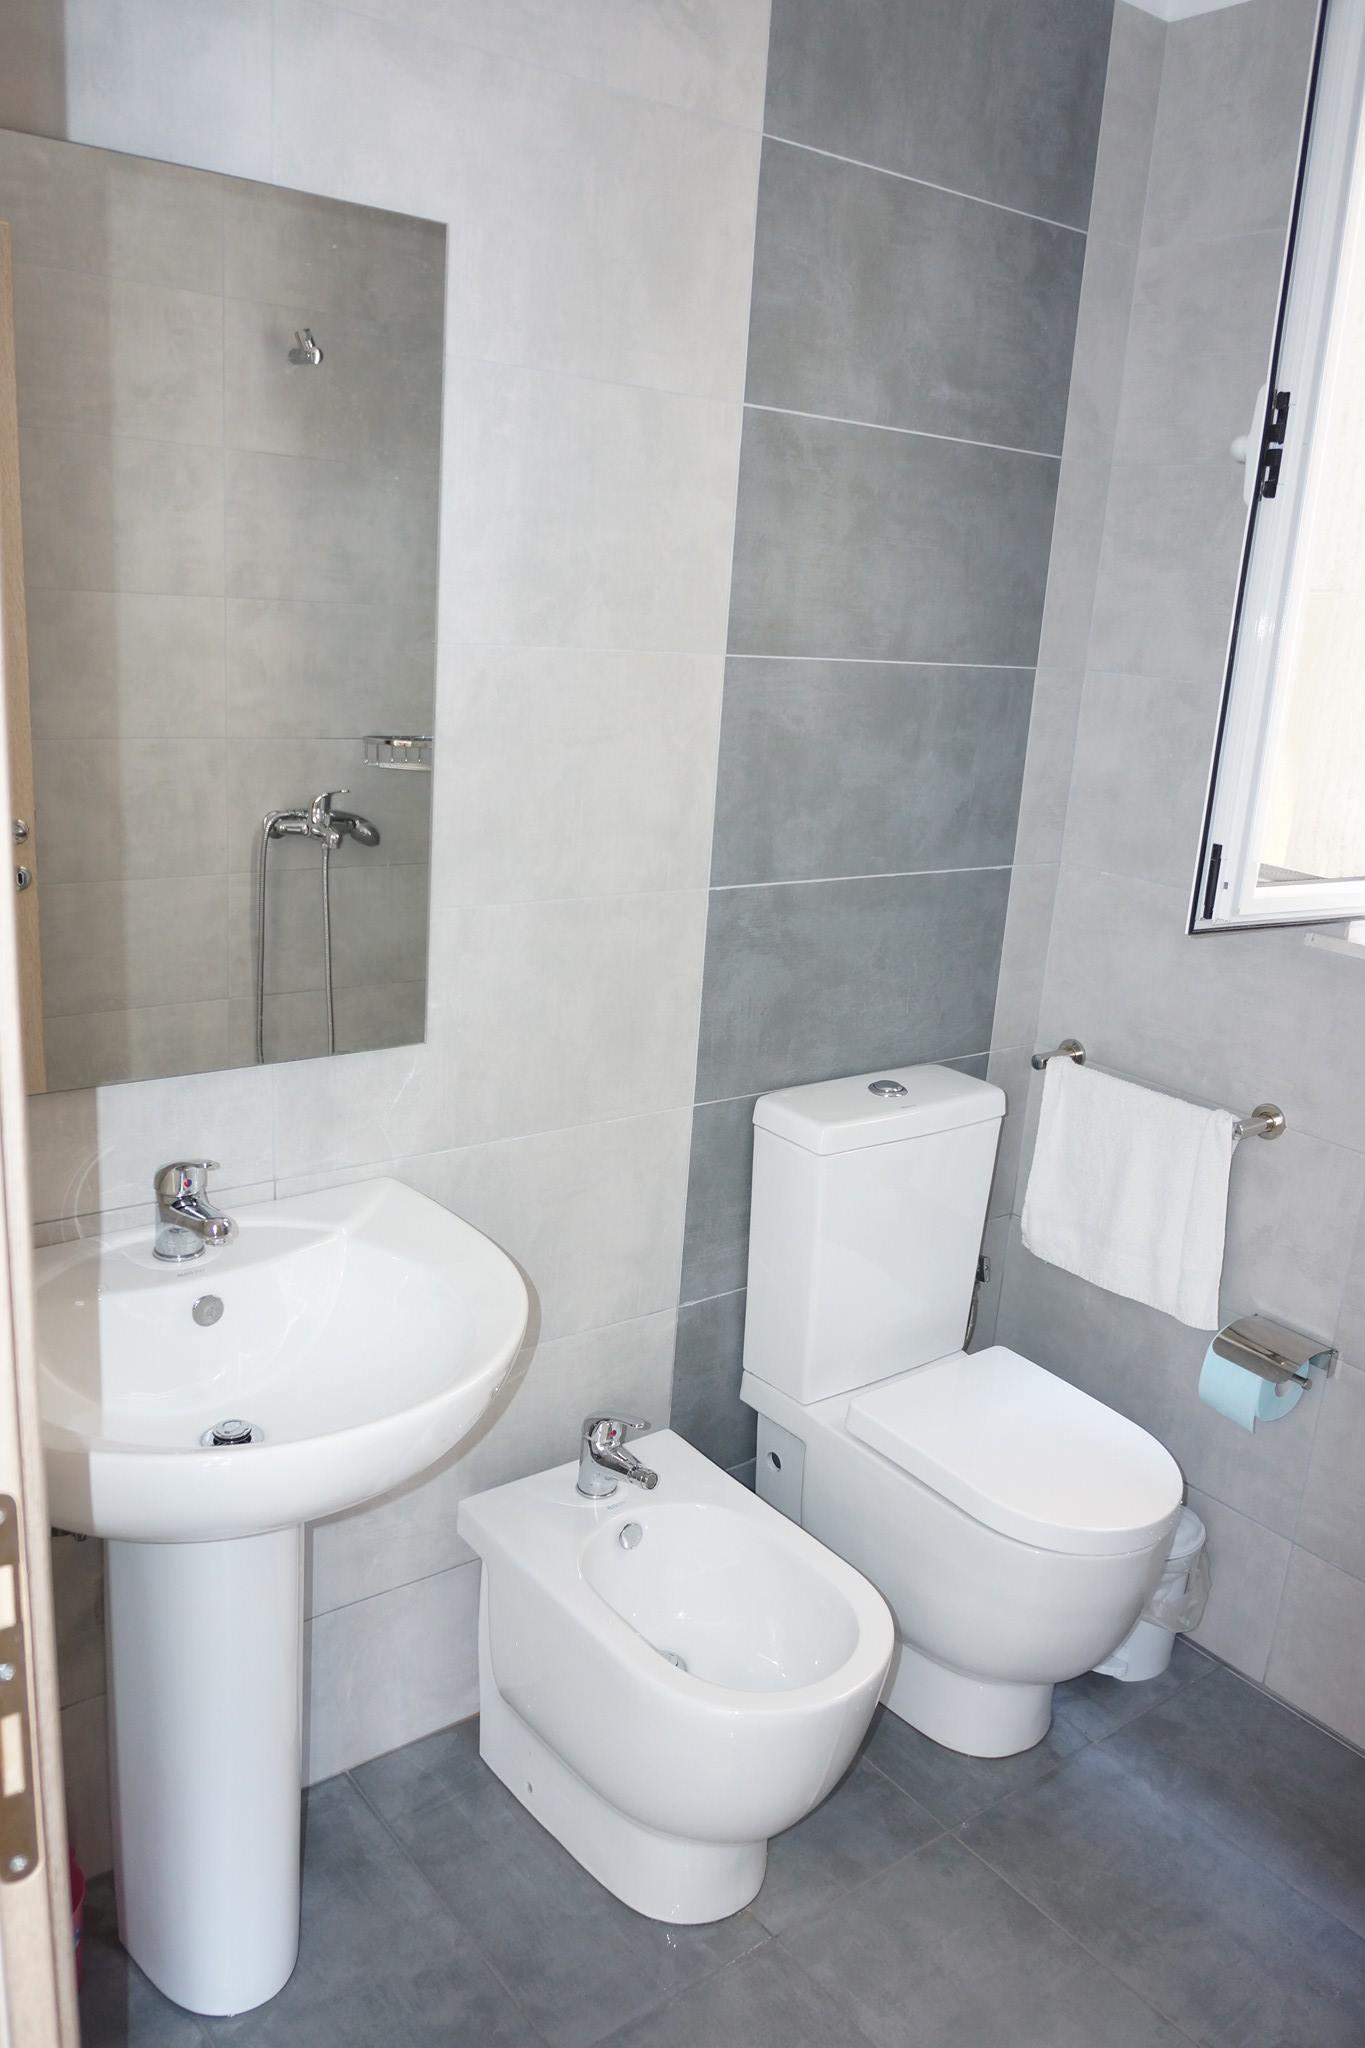 Letovanje Albanija autobusom, Saranda, hotel Kristina suites,kupatilo